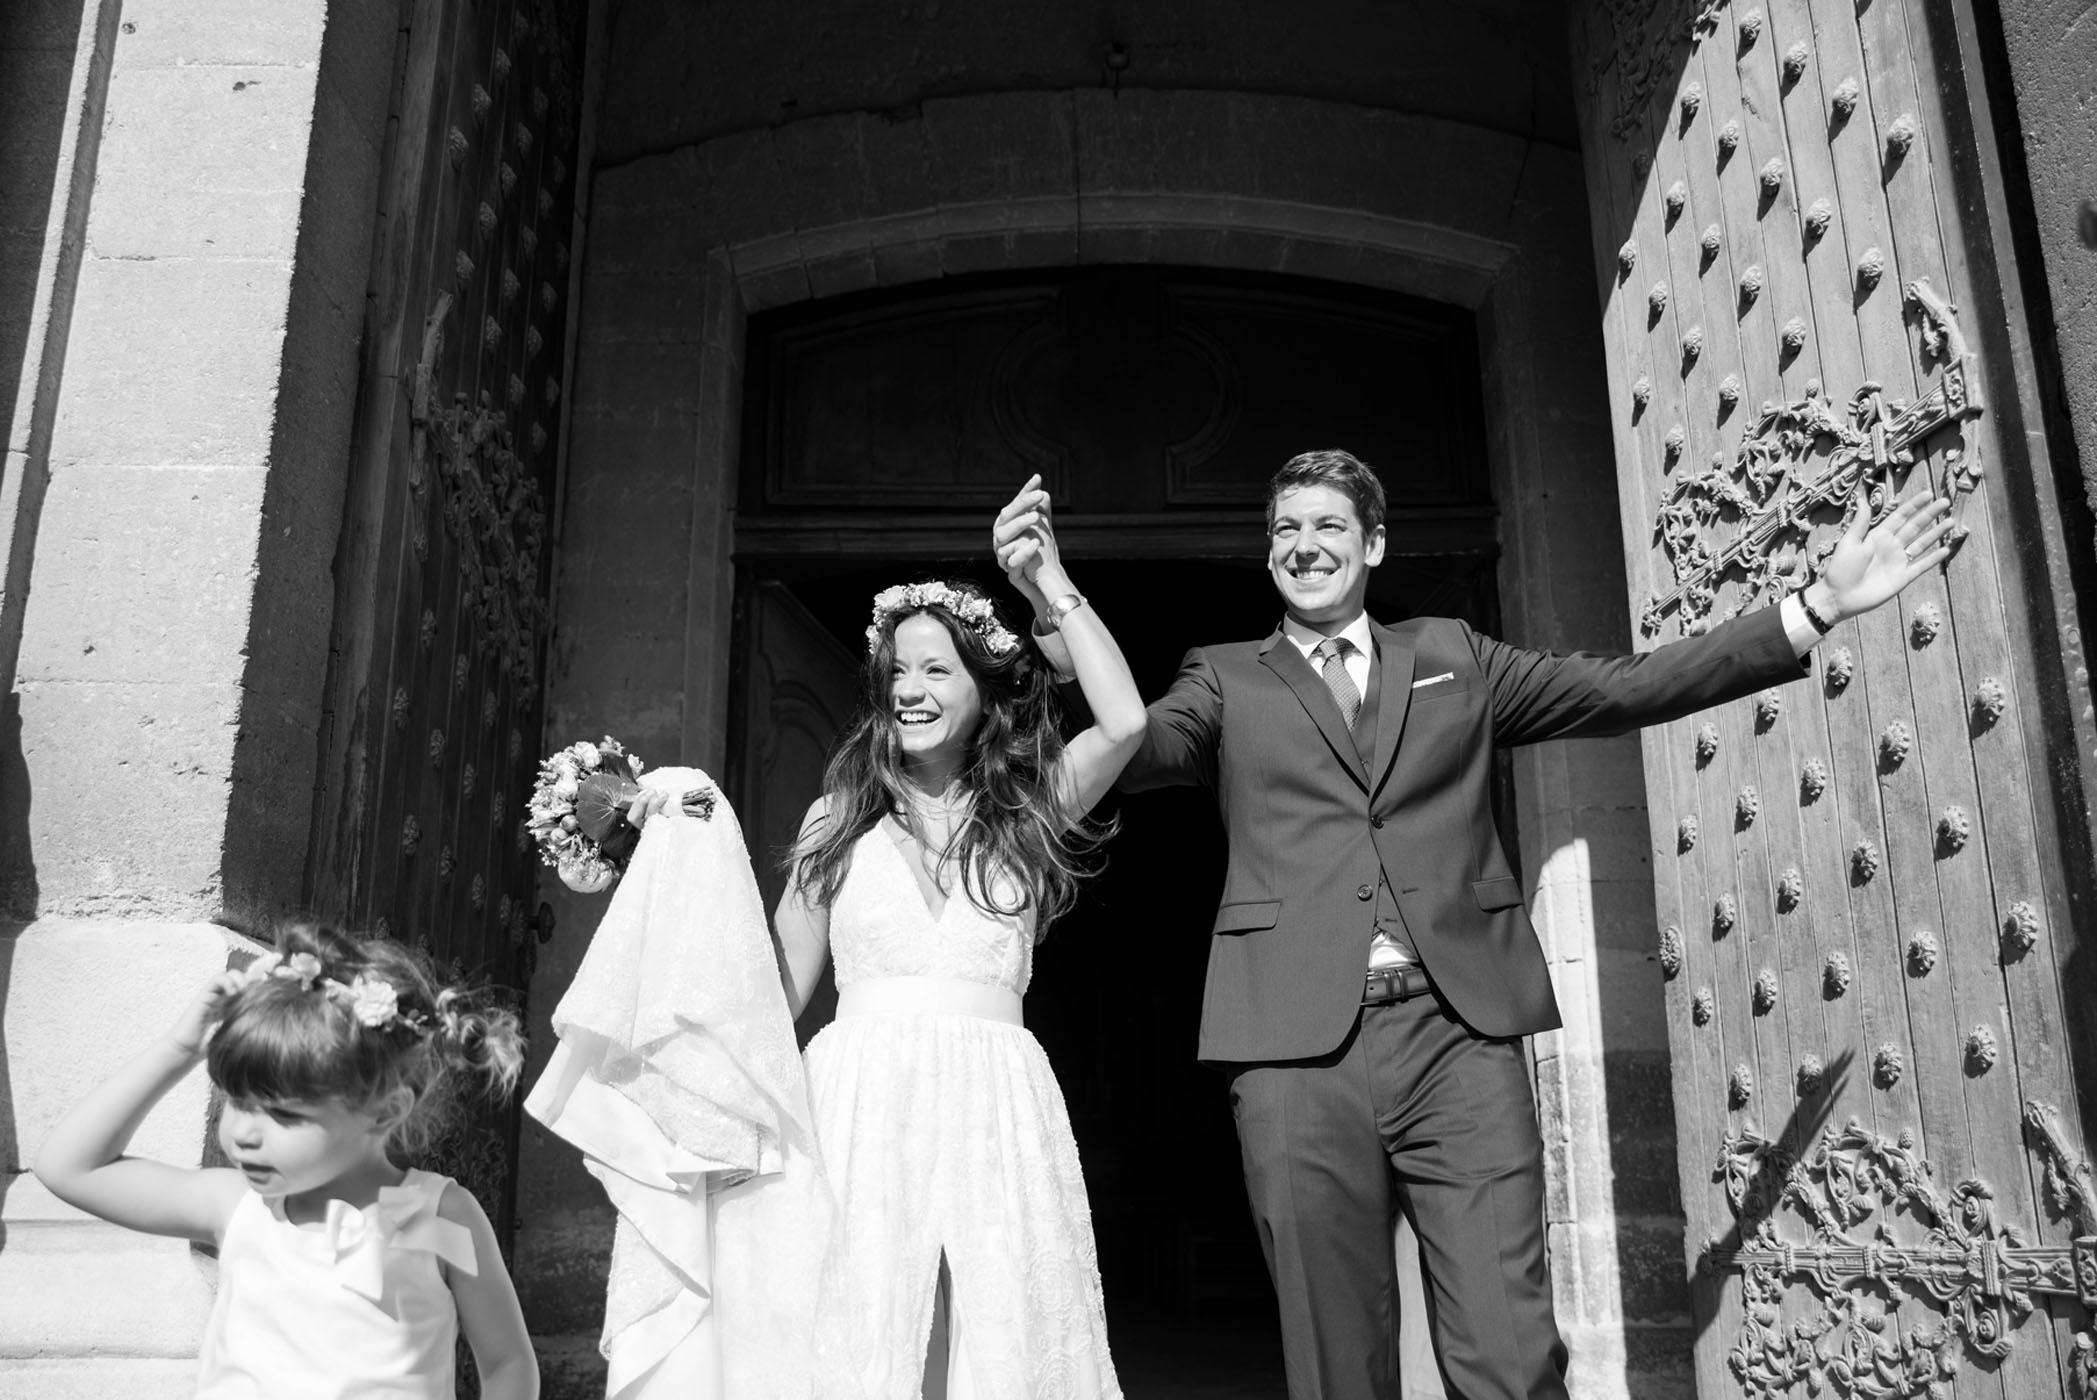 claire-martin_mariage-simple-et-bucolique-dans-le-gard_julie-verdier-photographe_blog-la-mariee-sous-les-etoiles-17